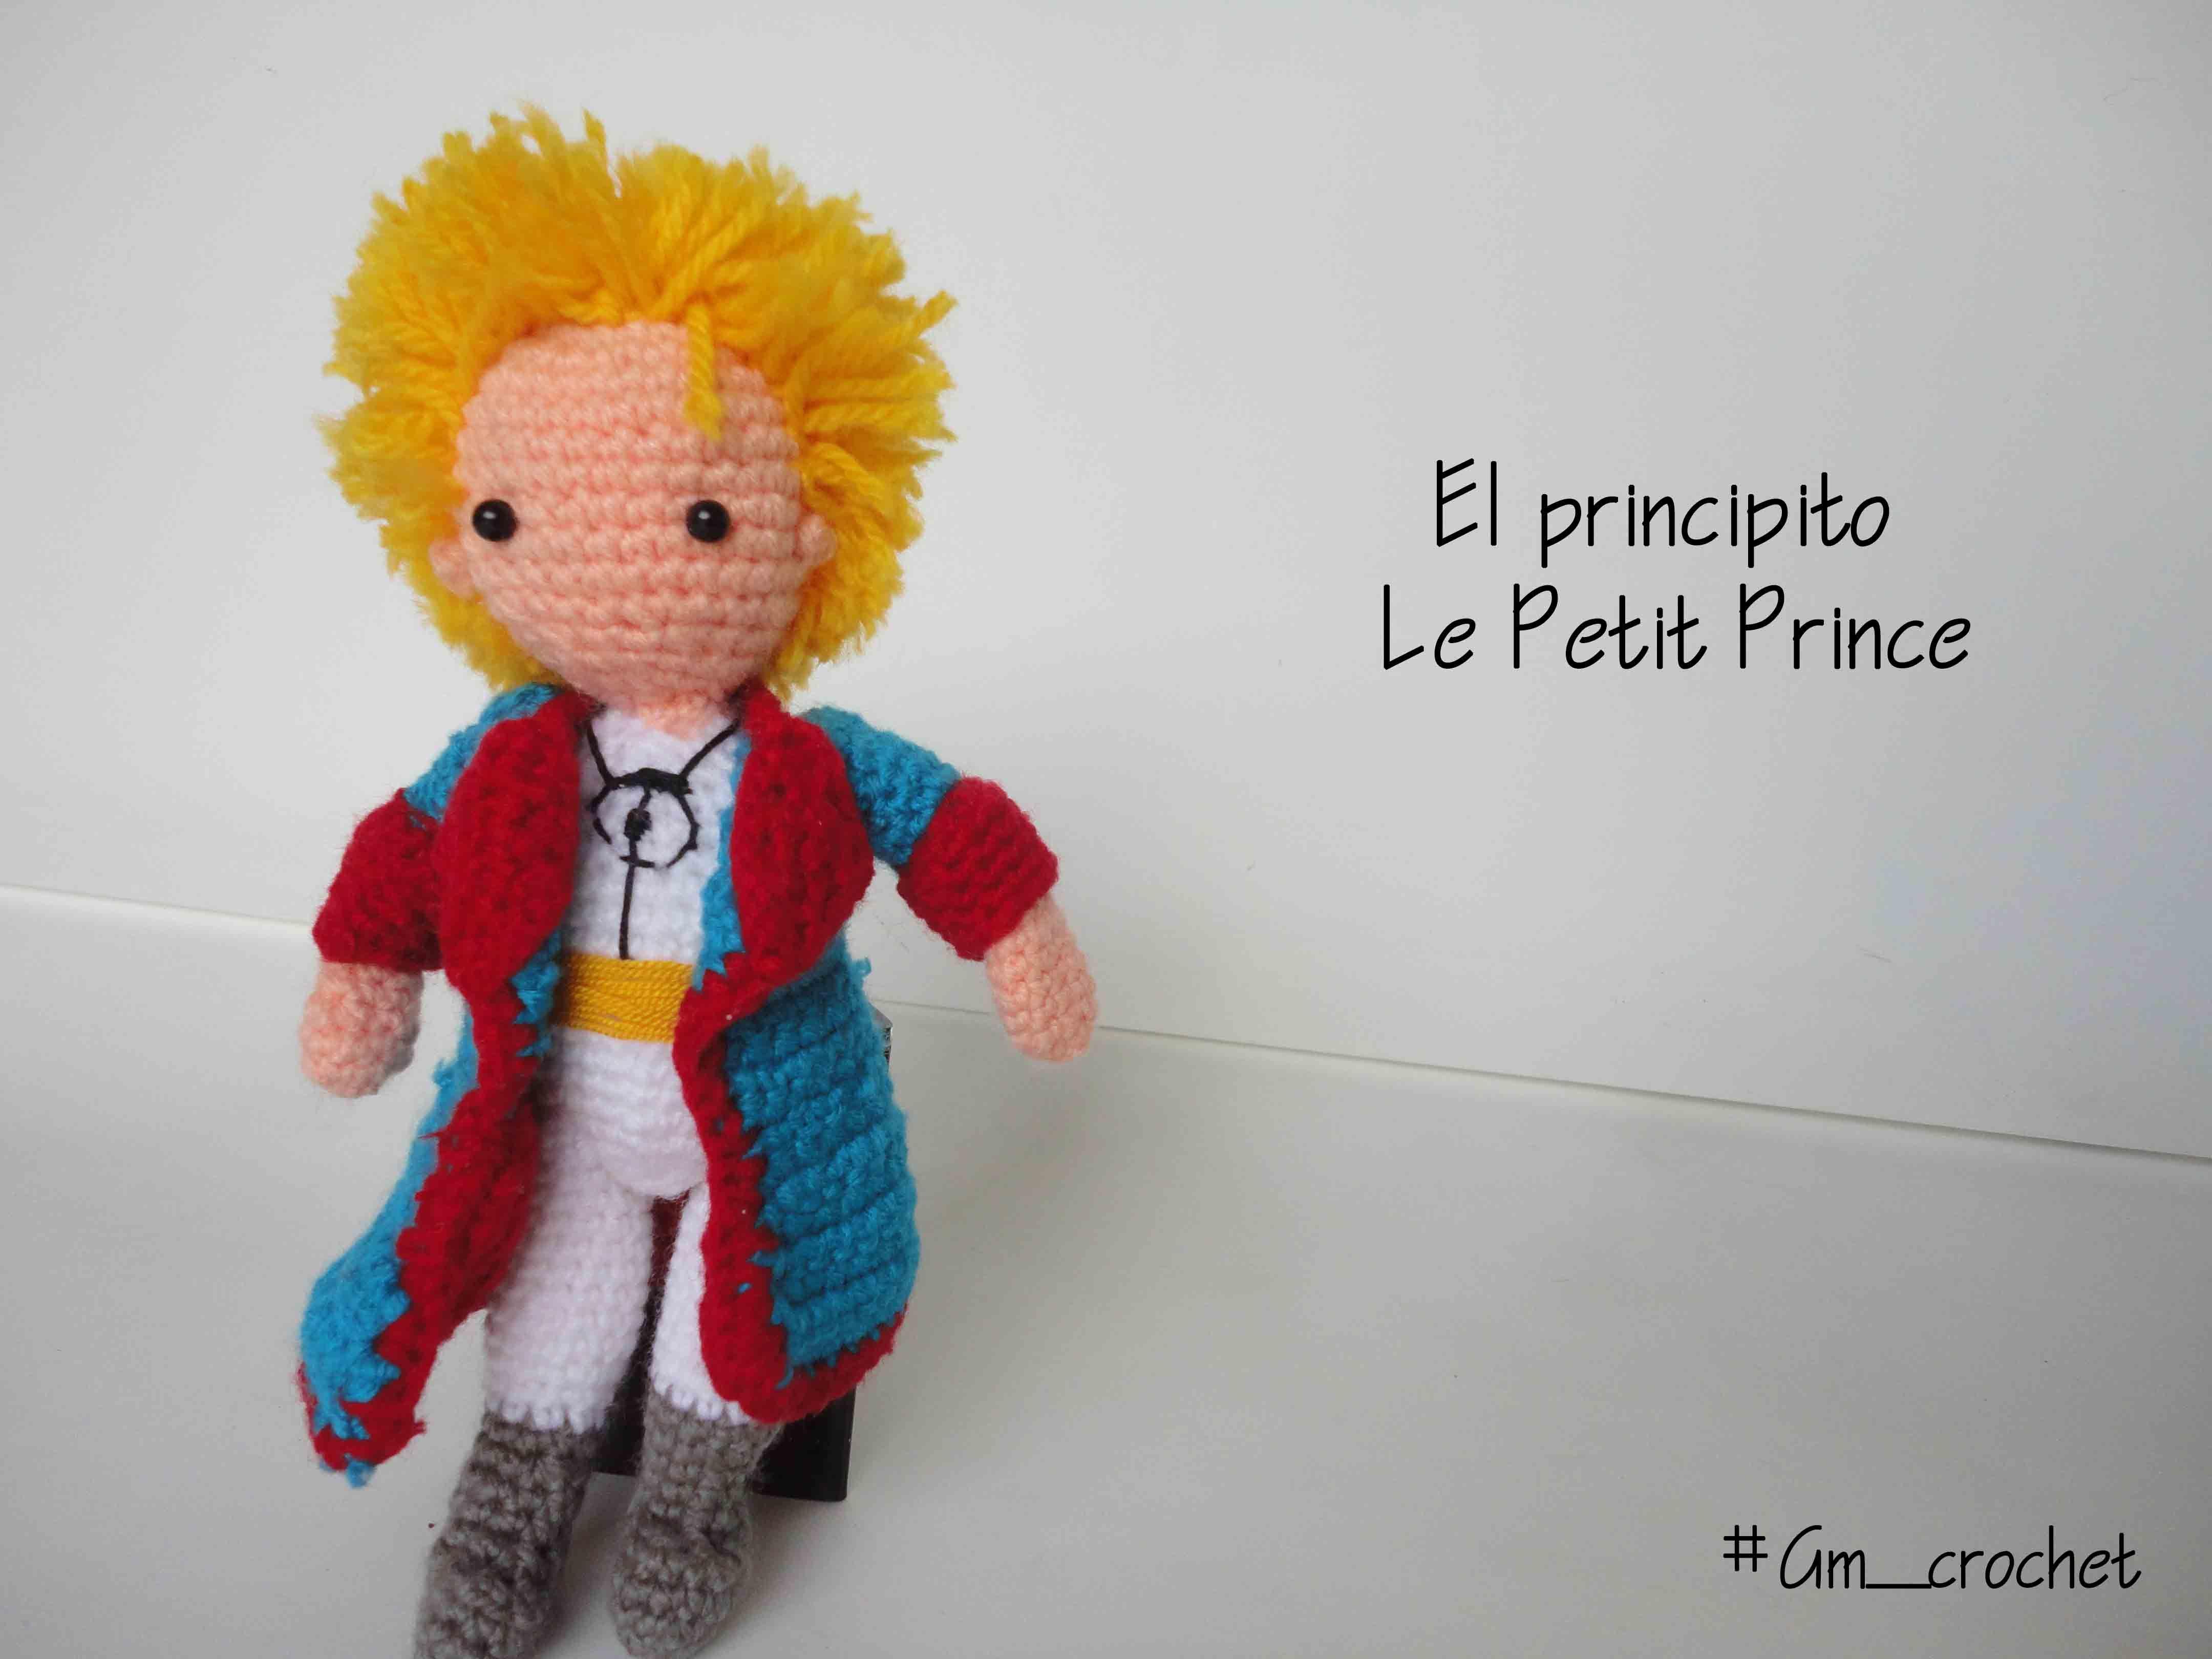 El principito- Le Petit Prince # Gm_crochet # tejido ...